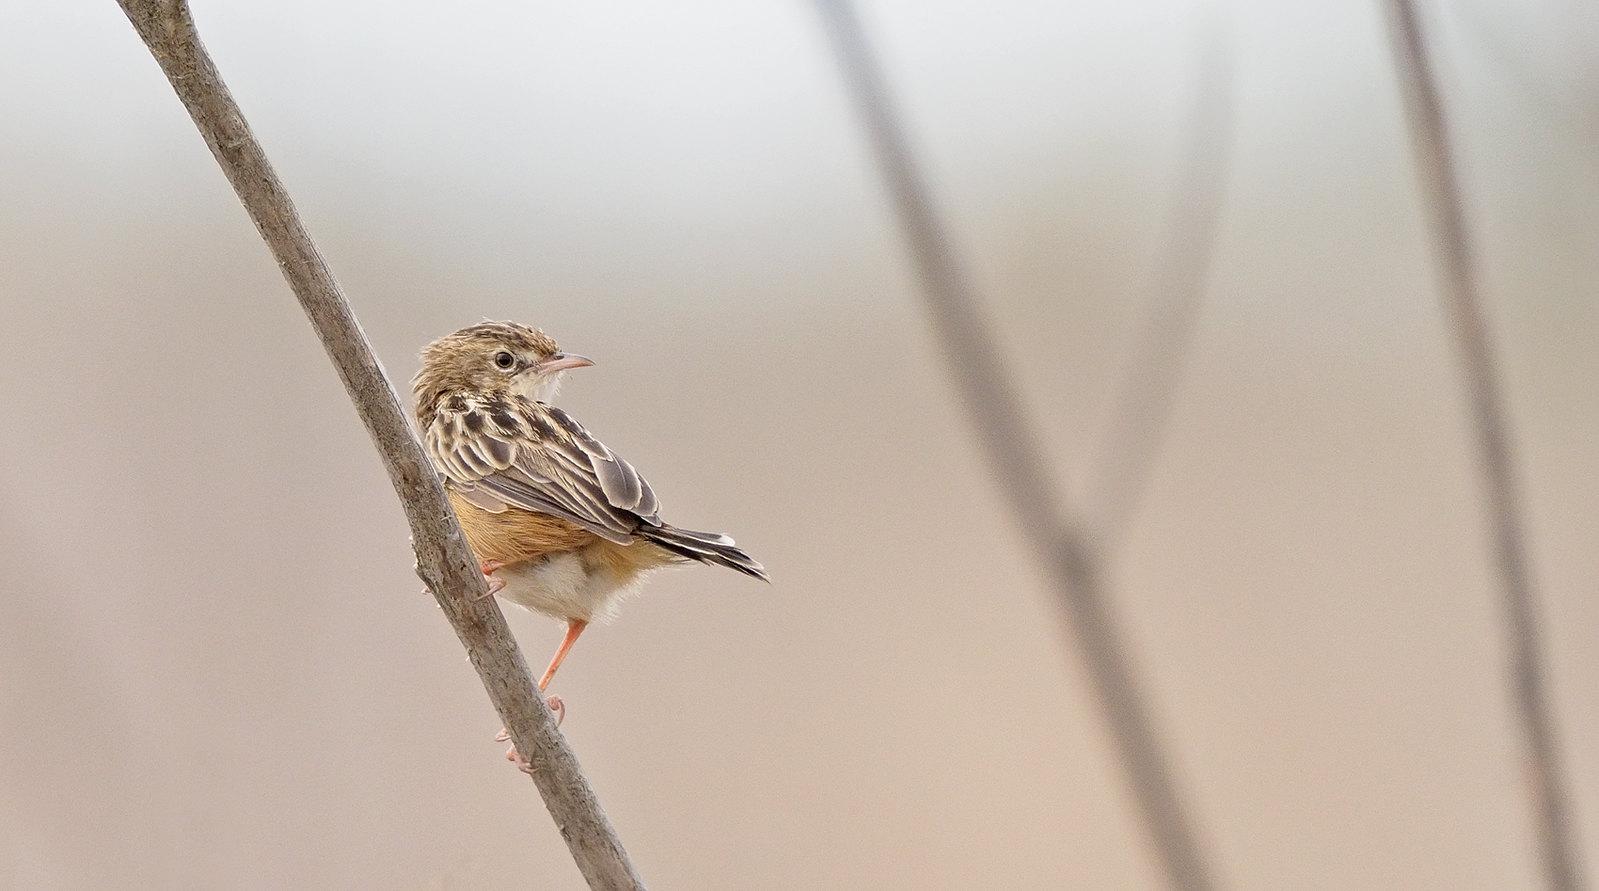 Fan-tailed Warbler?